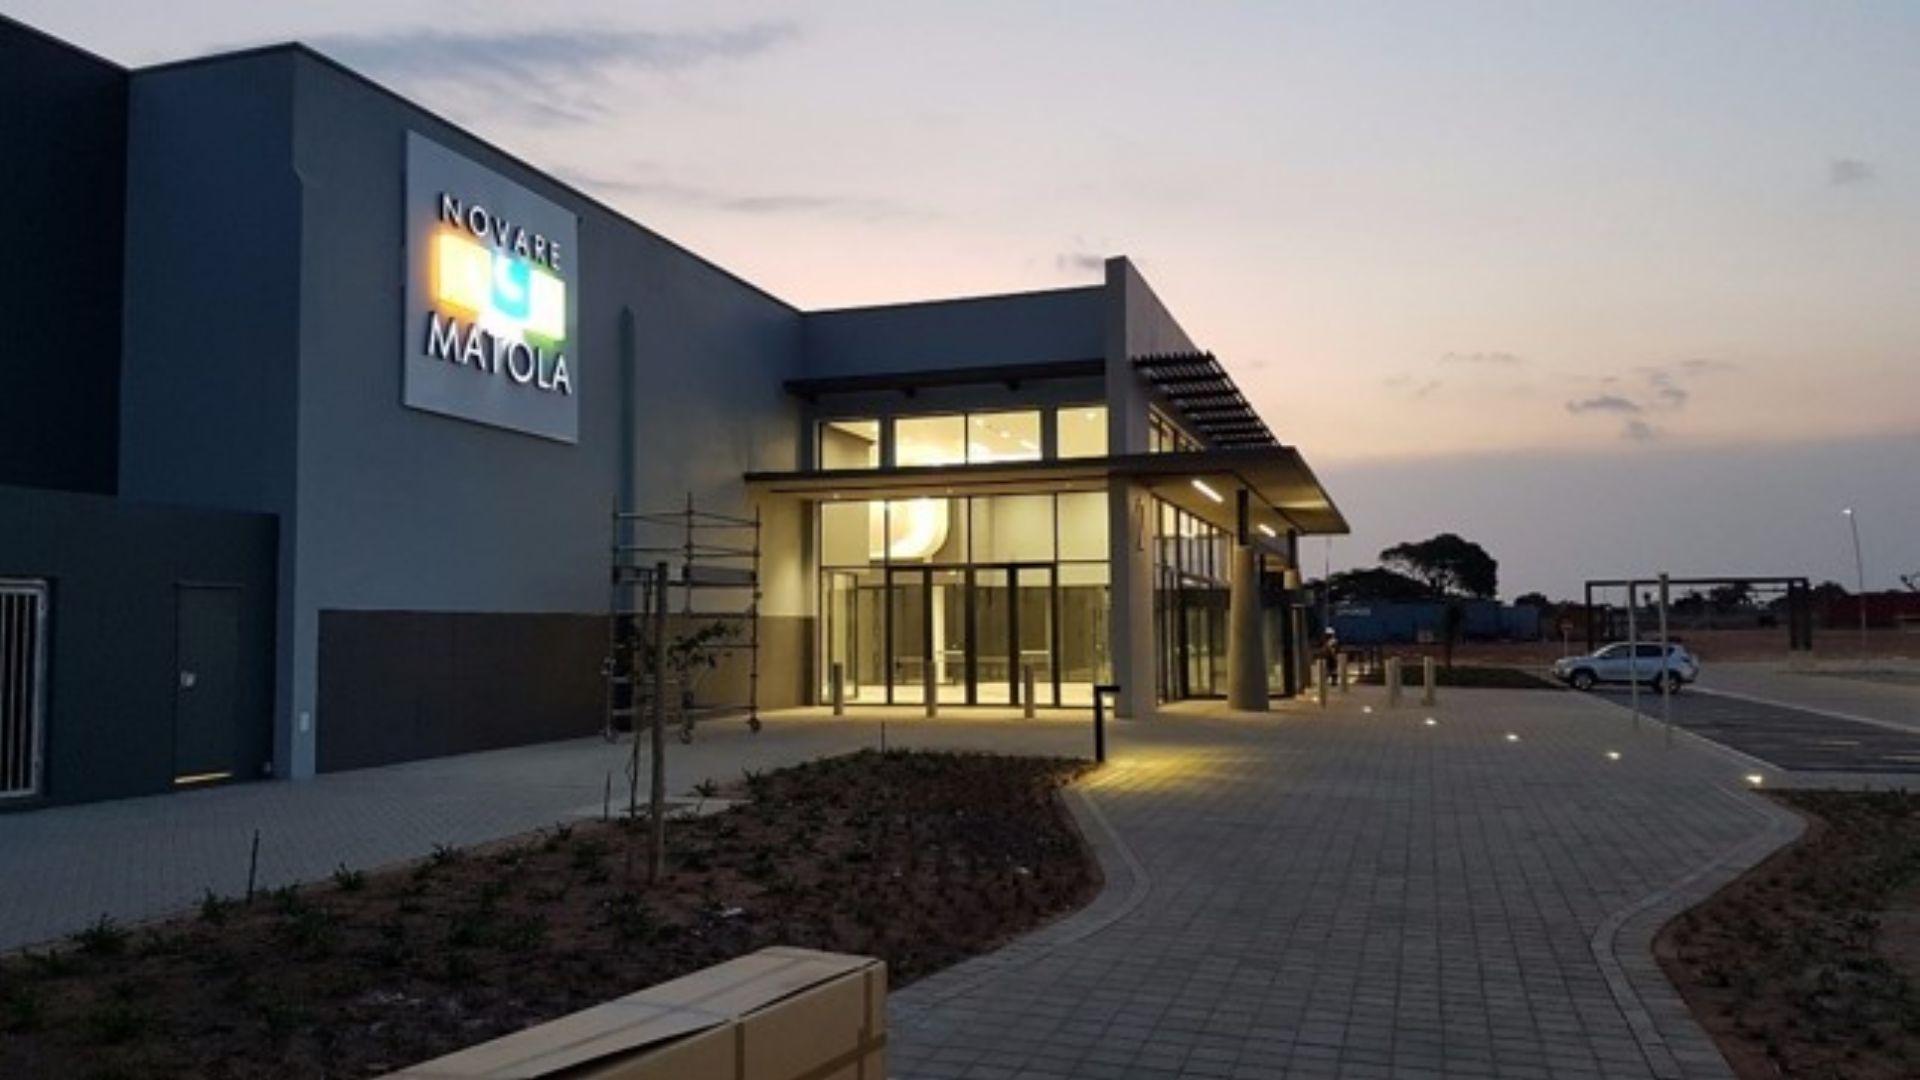 Matola Mall